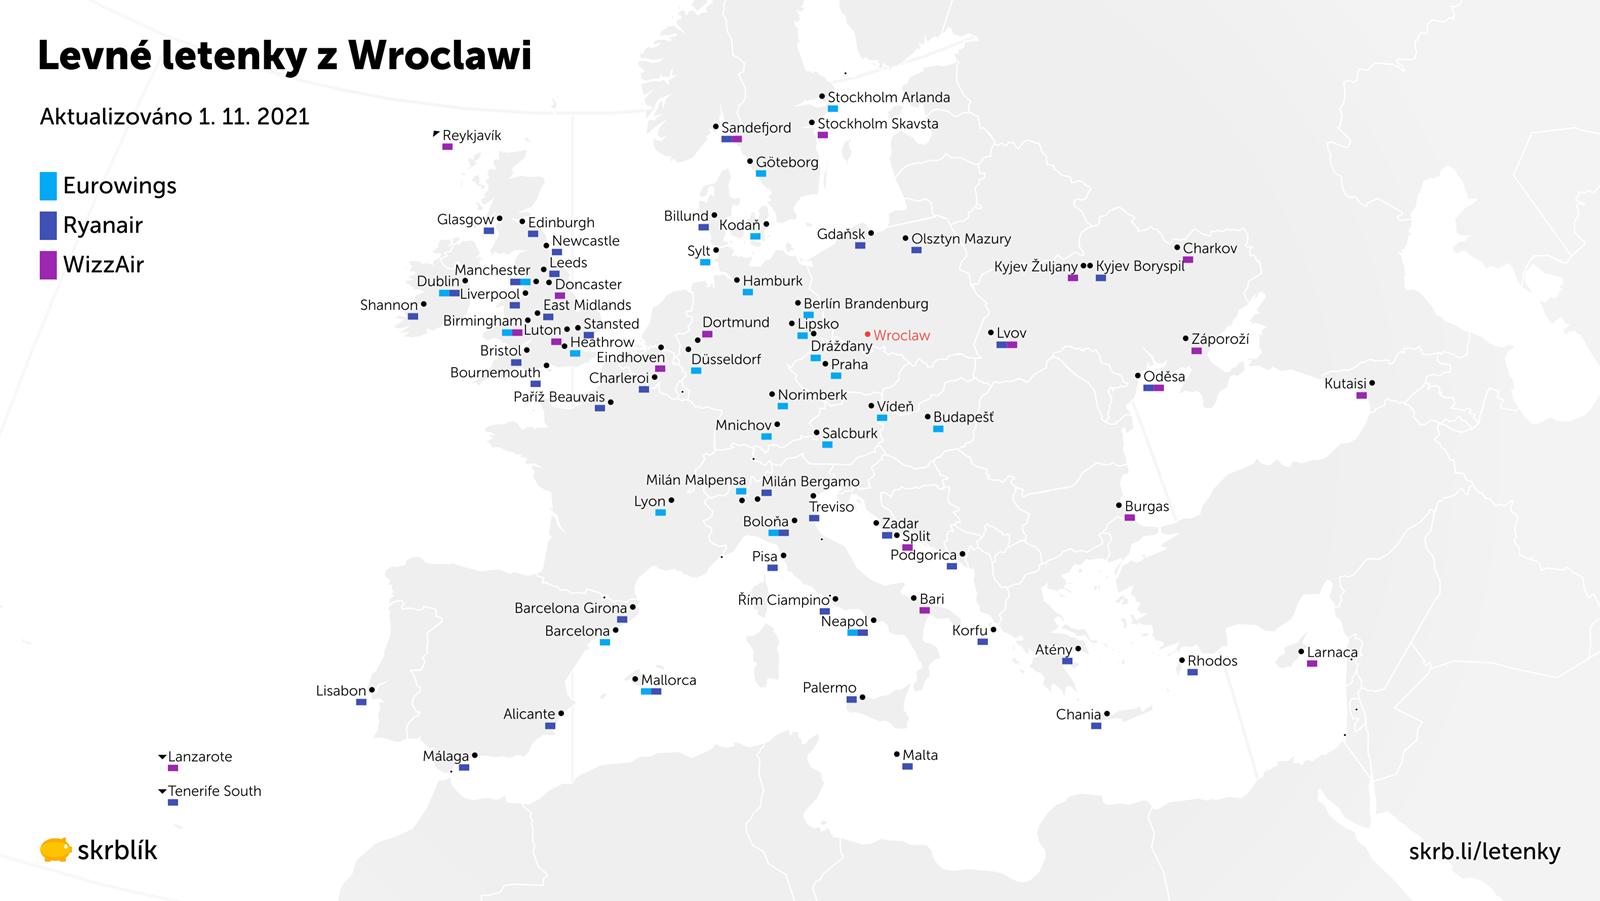 Levné letenky z Wroclawi